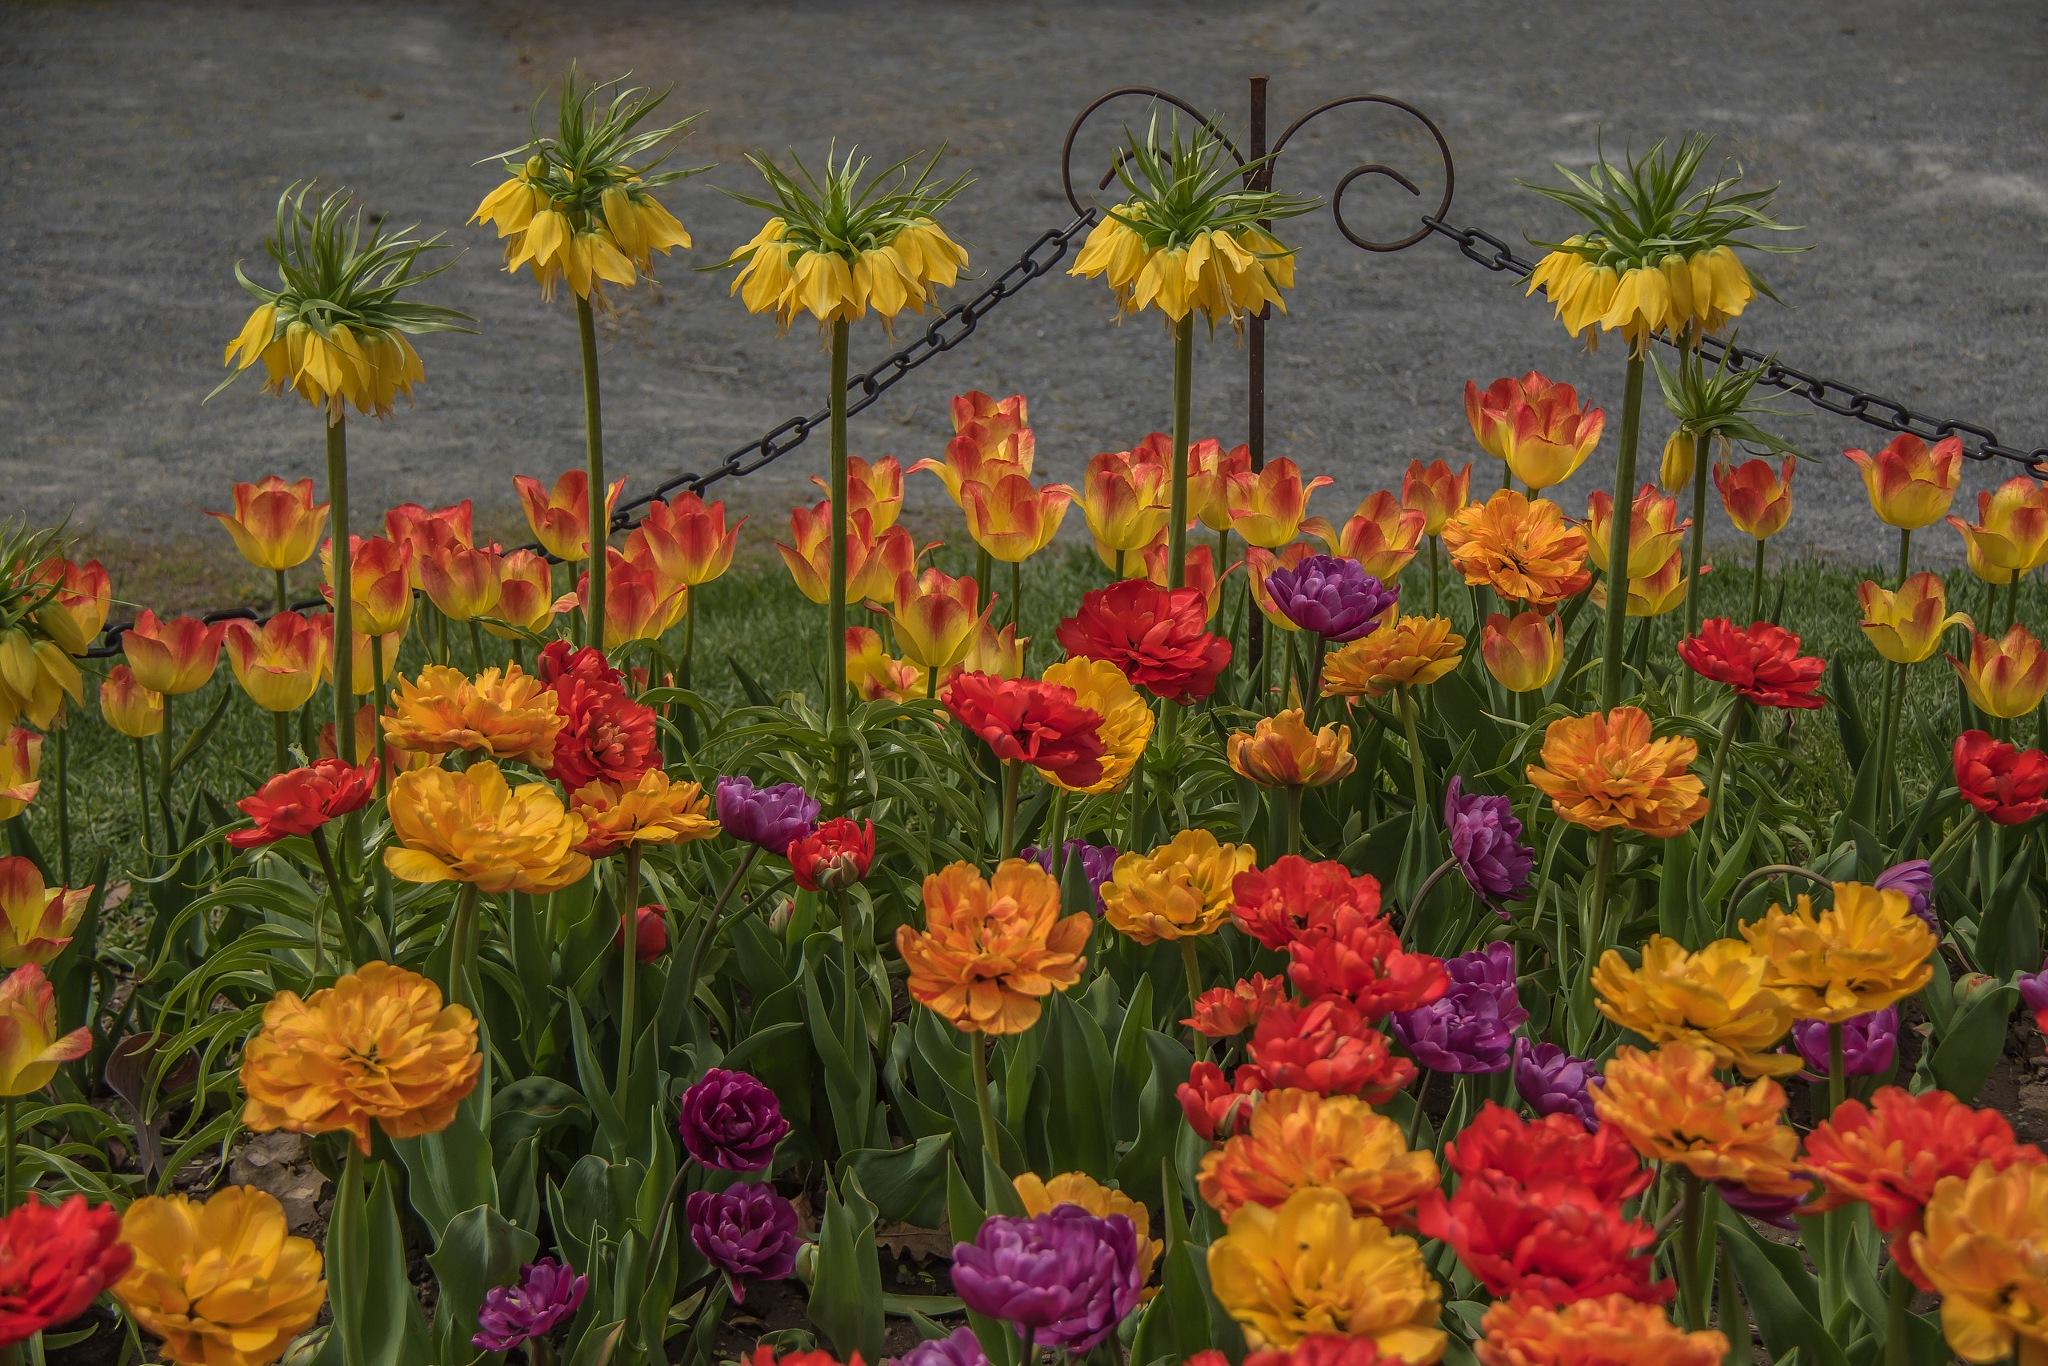 Vibrant Spring Garden by Ruth Sano